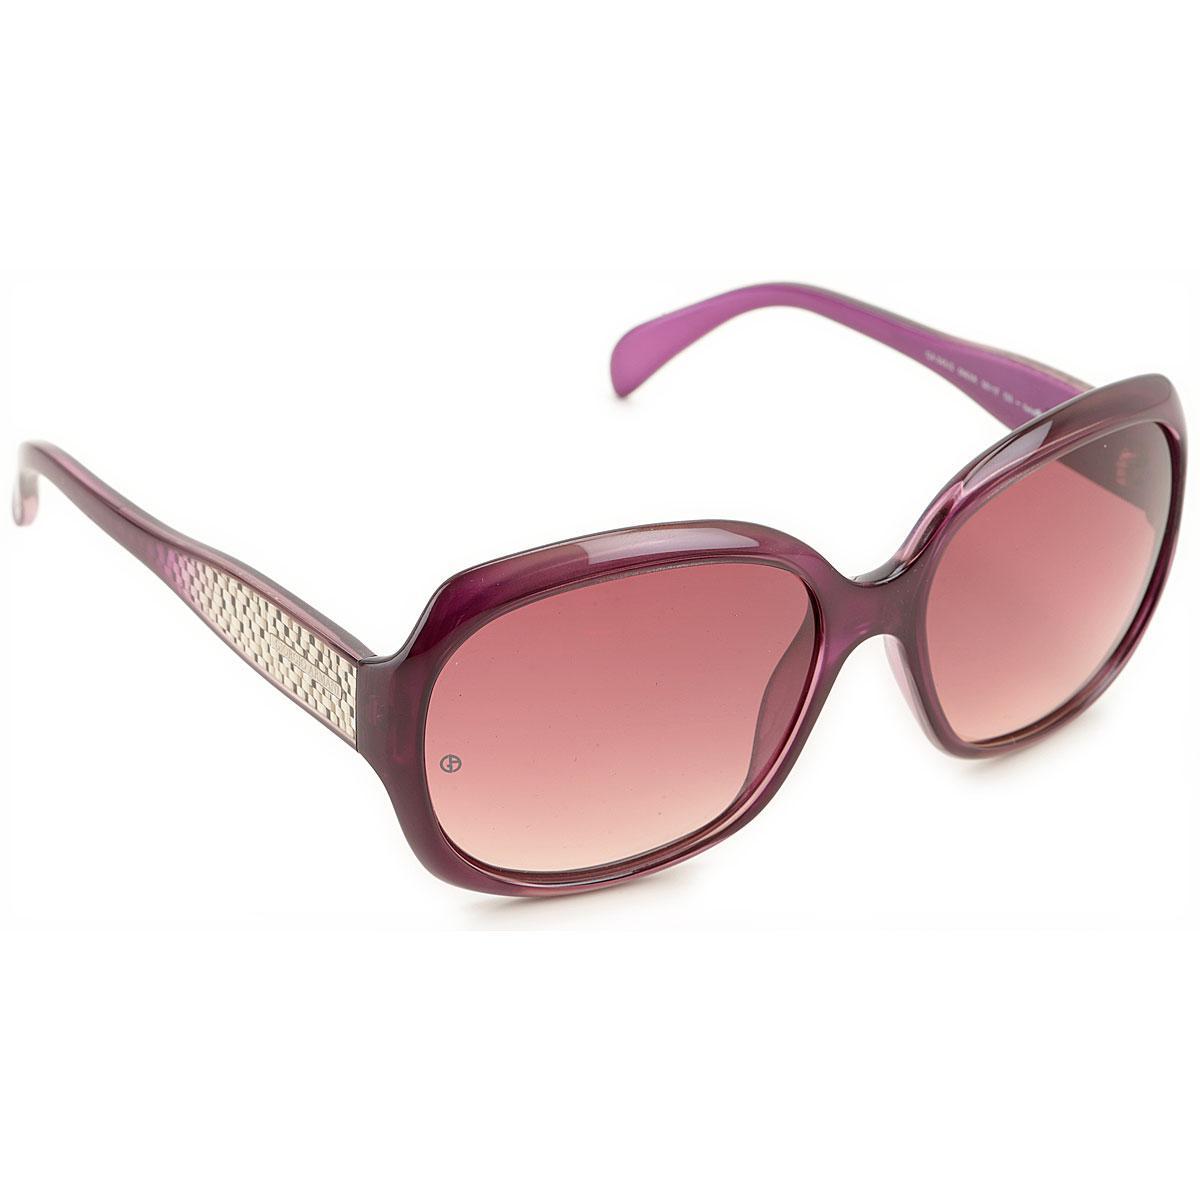 1cd9bd85a3516 Giorgio Armani. Gafas y Lentes de Sol Baratos en Rebajas de mujer de color  rosa. 242 € 210 € De Raffaello Network